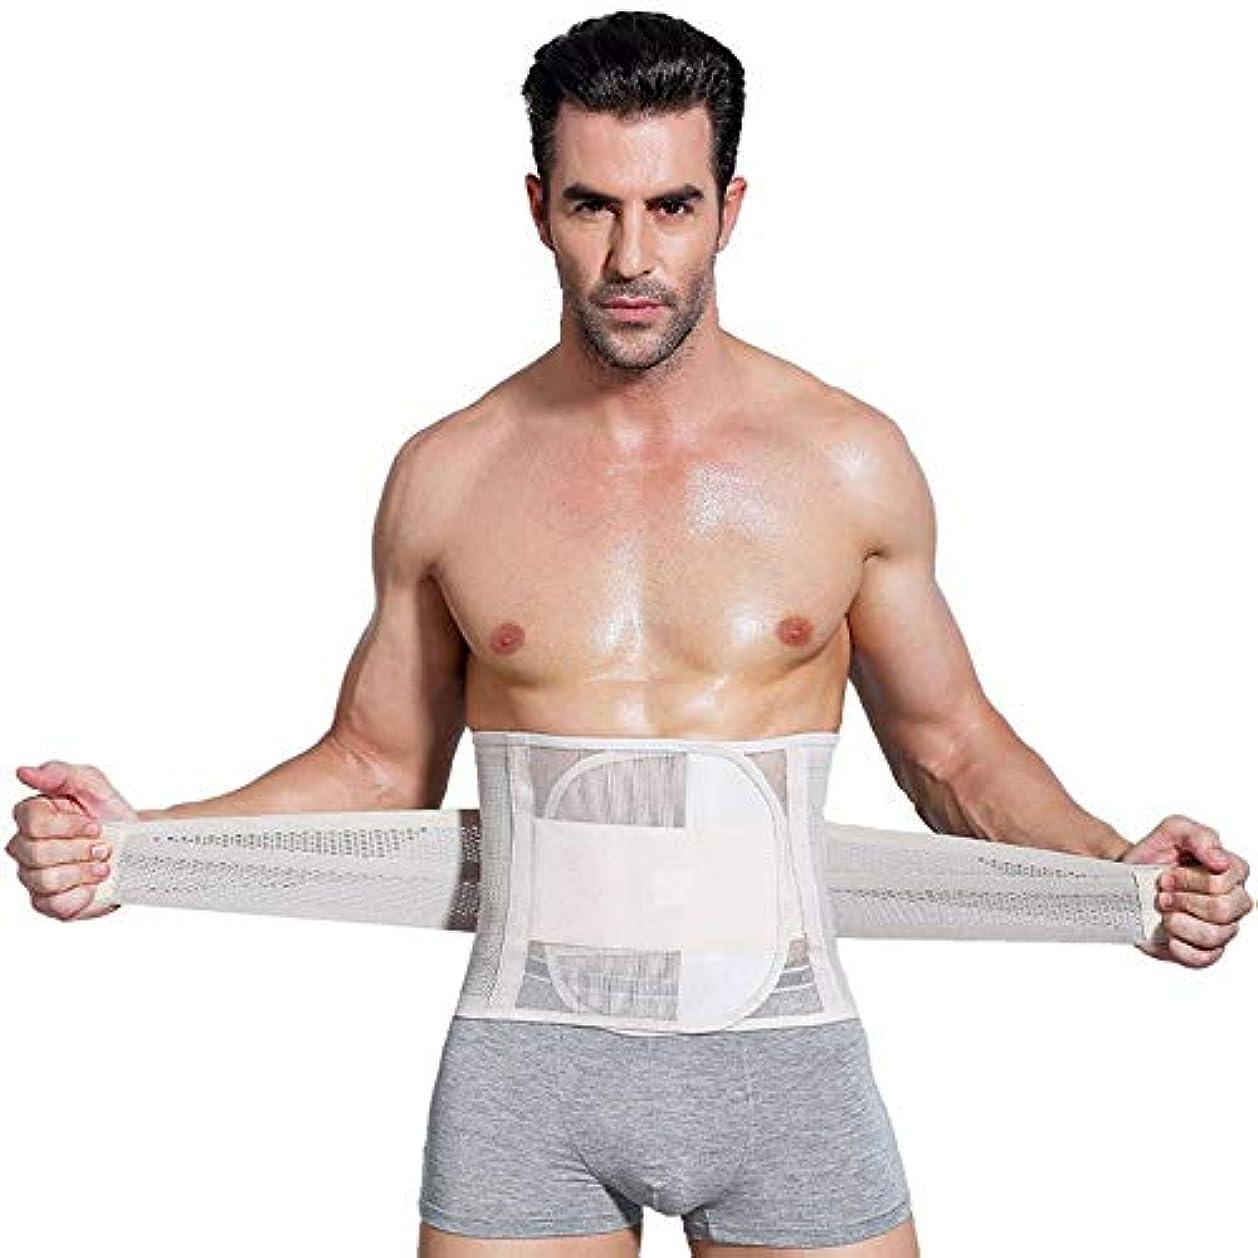 ワゴンレイアウトモルヒネ男性ボディシェイパーコルセット腹部おなかコントロールウエストトレーナーニッパー脂肪燃焼ガードル痩身腹ベルト用男性 - 肌色M